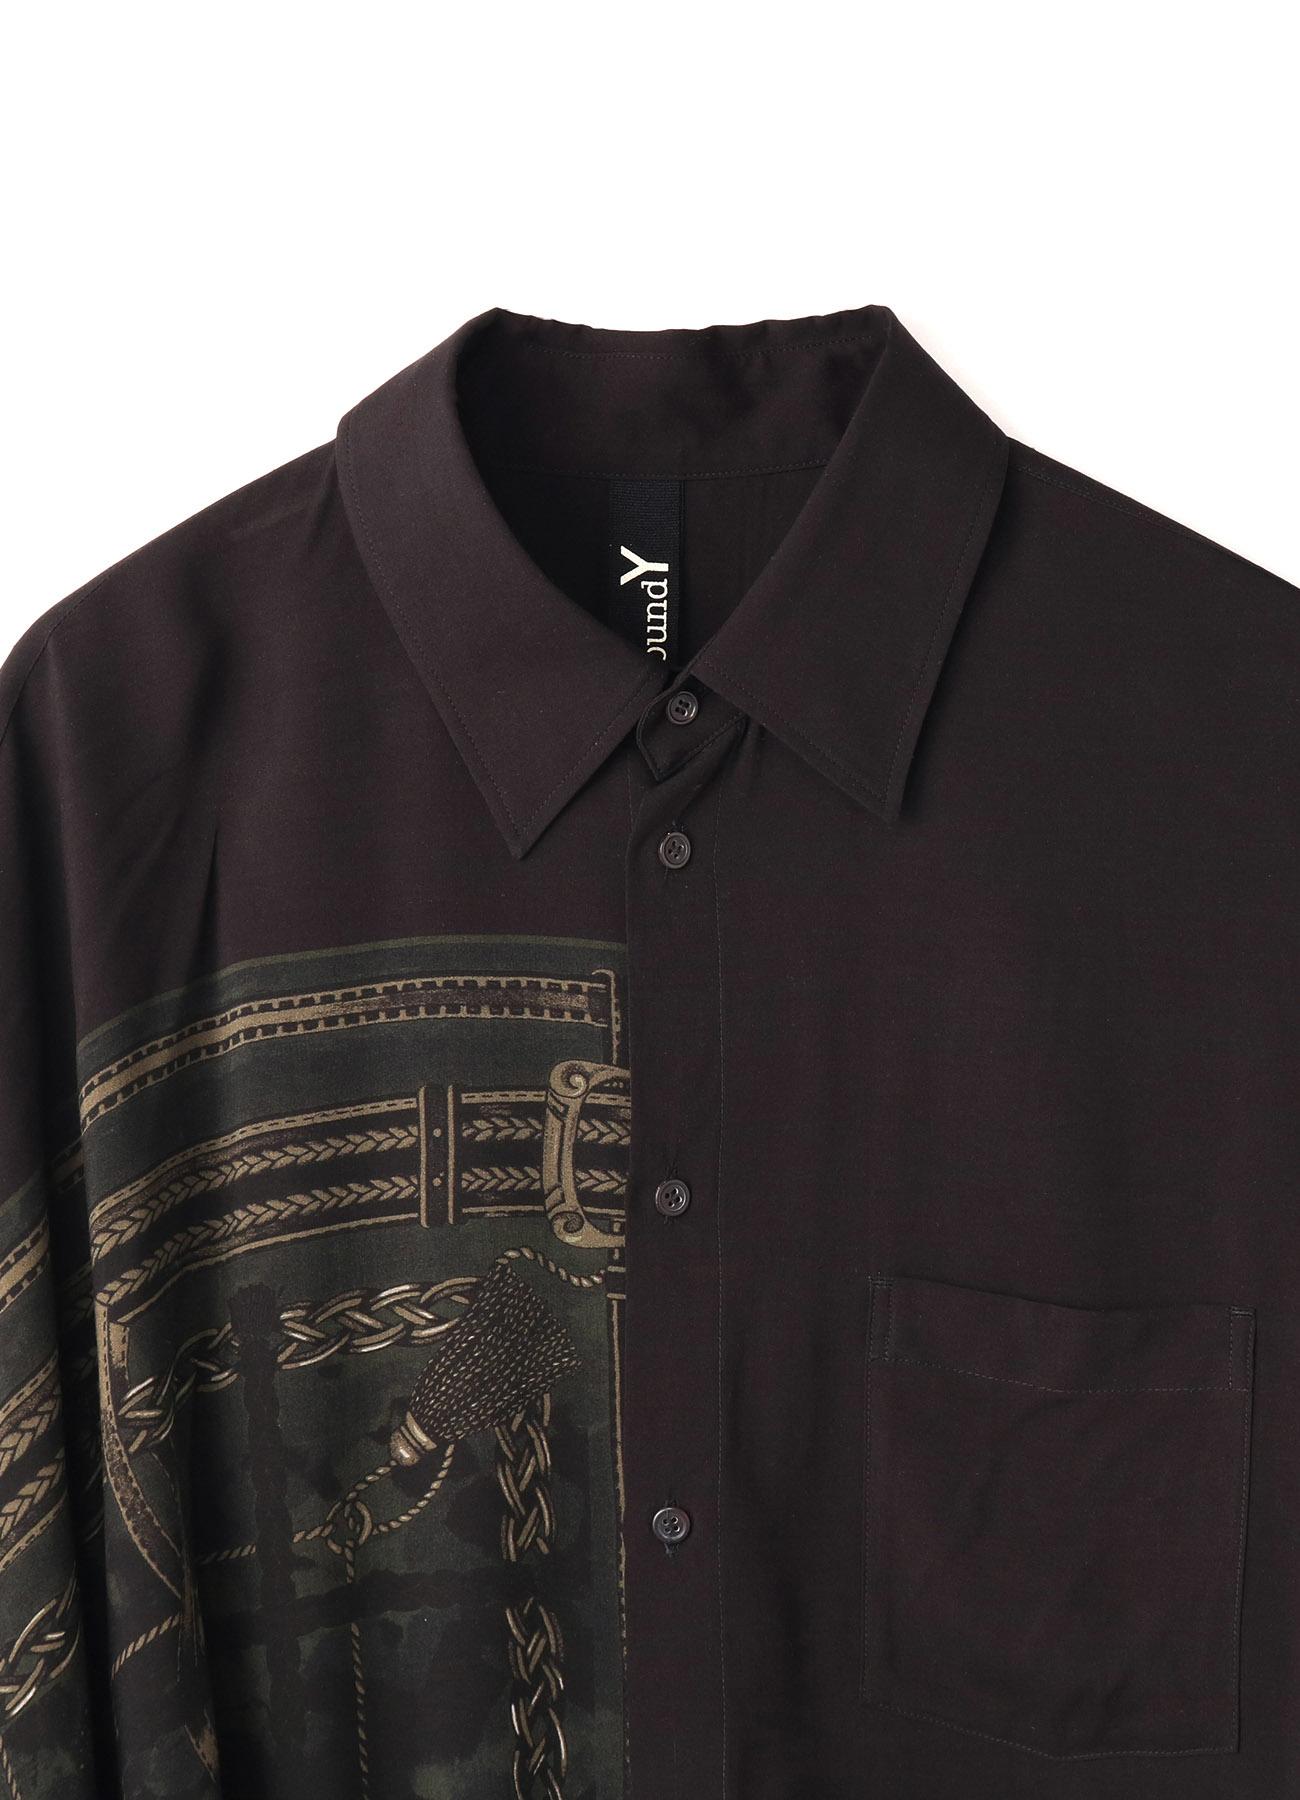 Rayon Bandana Pattern B Cloak Docking Shirt